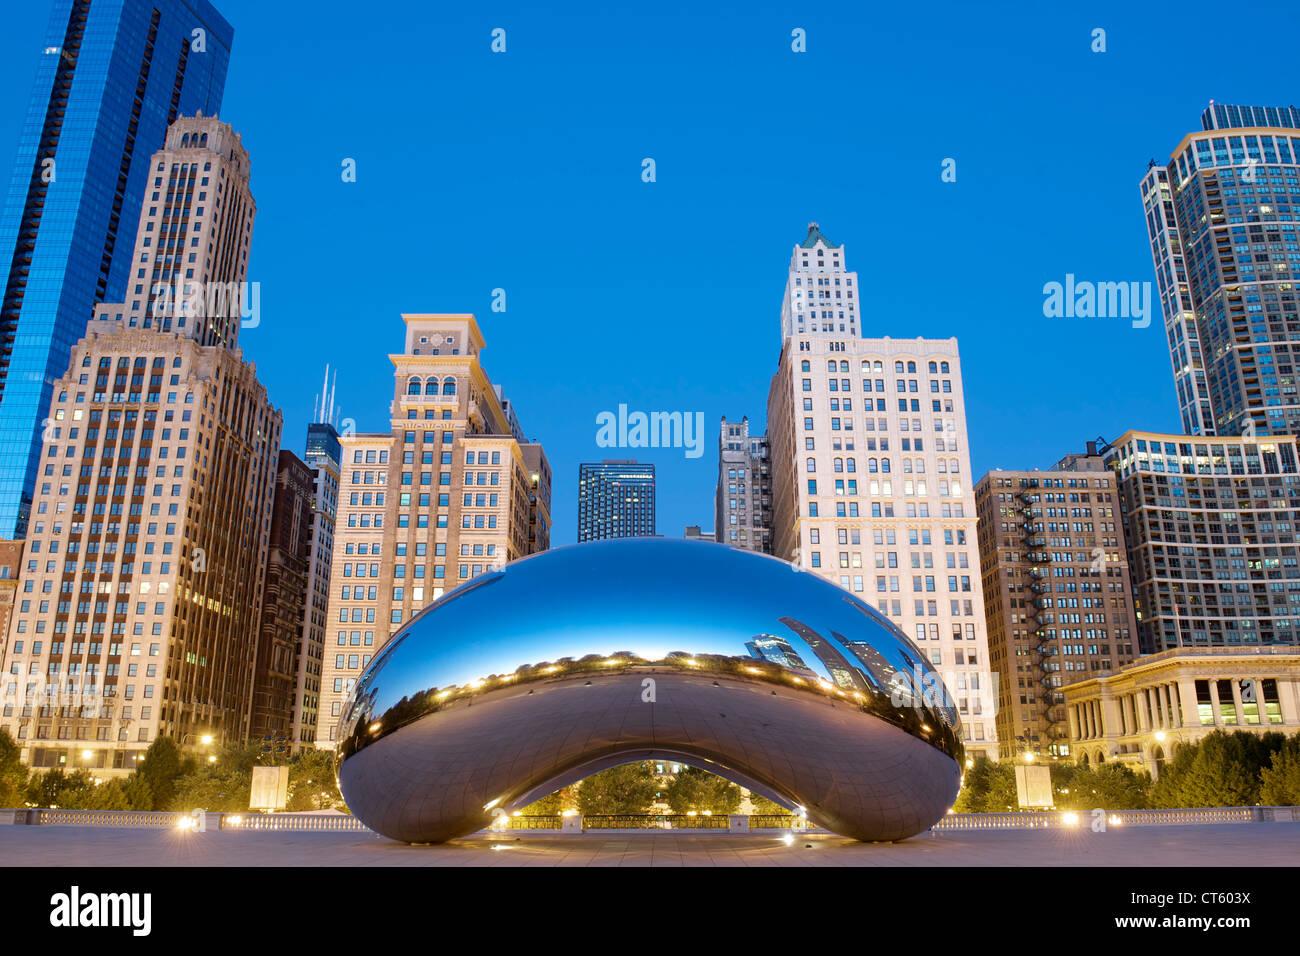 Vista del amanecer de la escultura Cloud Gate de Anish Kapoor en el Millennium Park de Chicago, Illinois, Estados Imagen De Stock